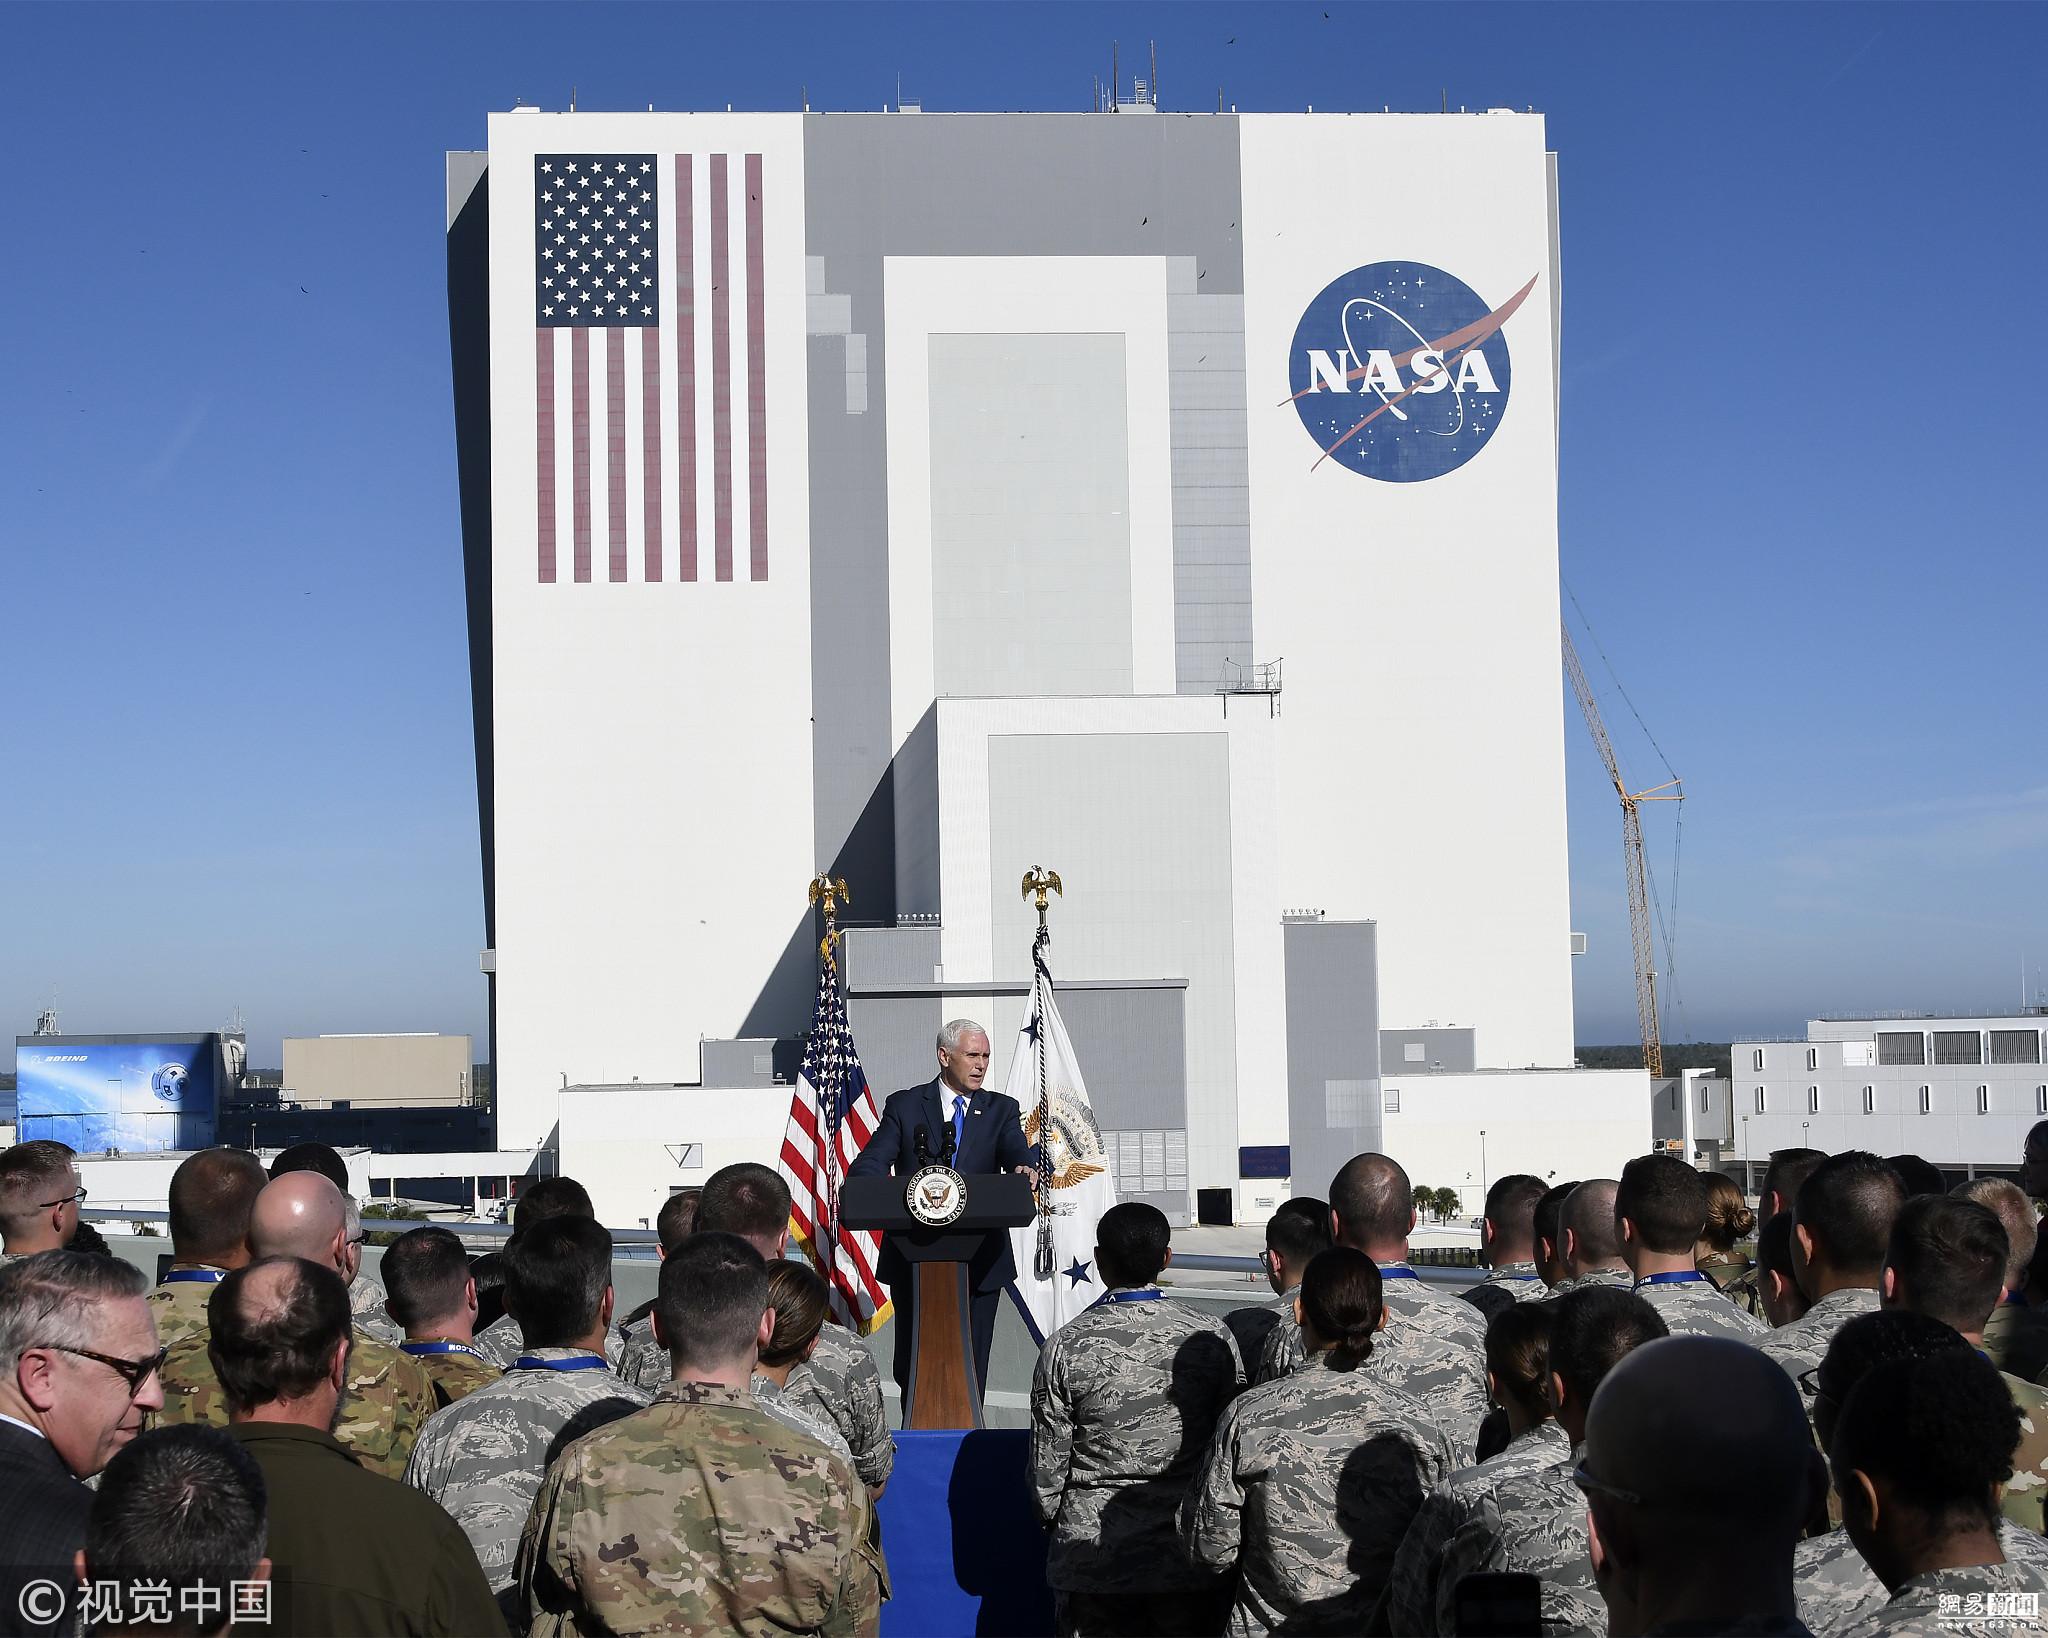 特朗普下令成立太空司令部 投资8亿美元图片 816946 2048x1638